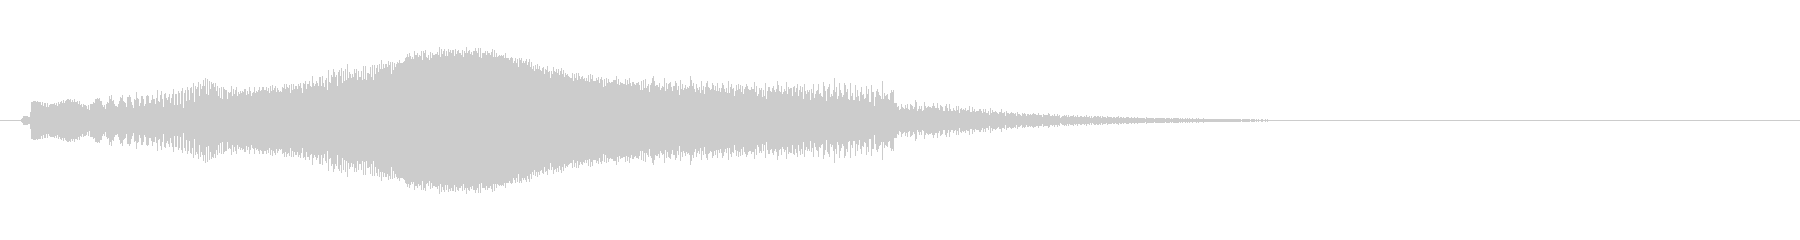 浮遊感のある起動音(SFなどに)の未再生の波形